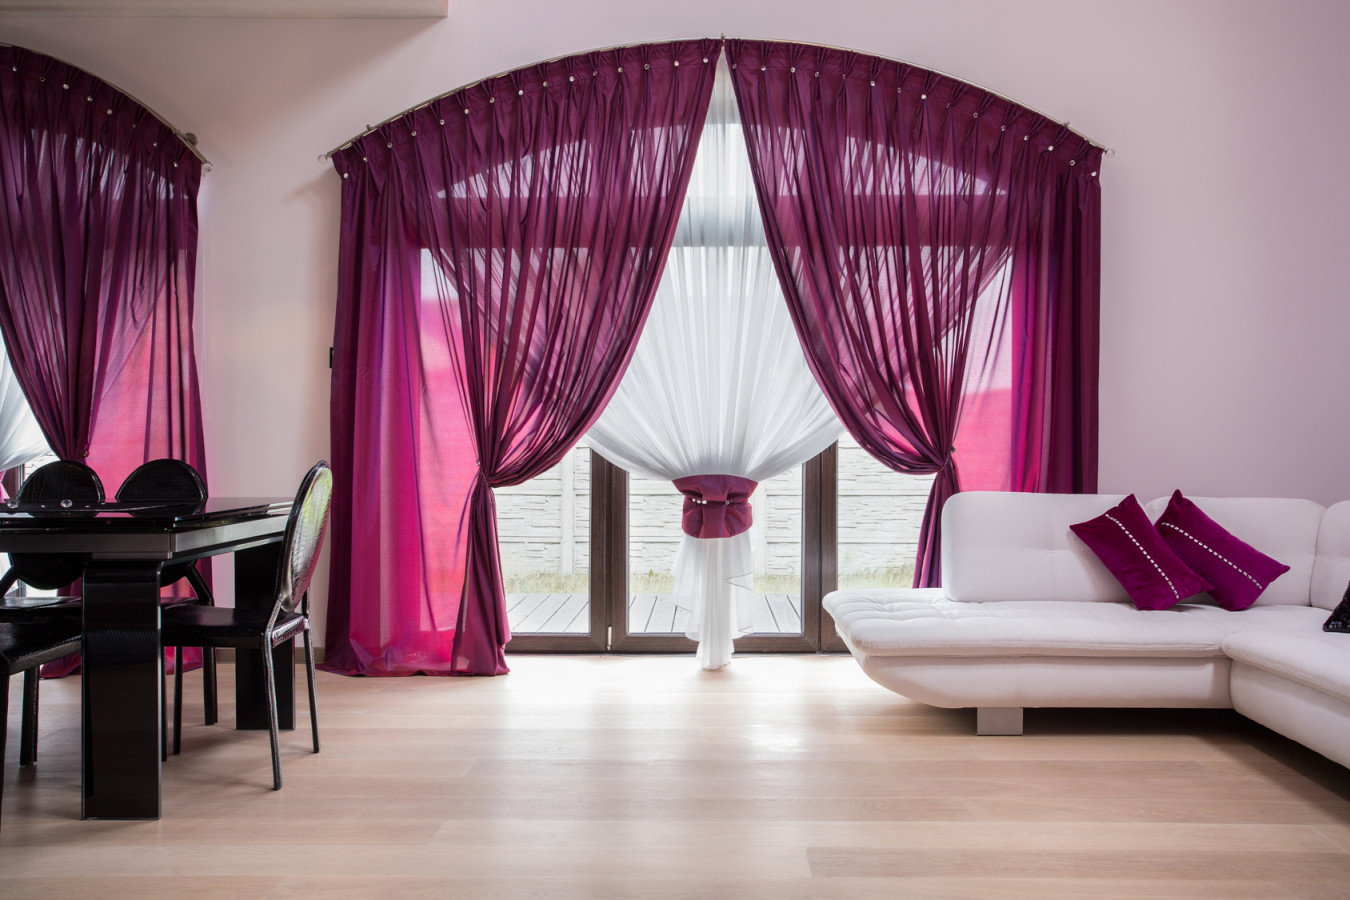 Gardinen 6 Ideen Für Das Wohnzimmer von Übergardinen Wohnzimmer Ideen Photo